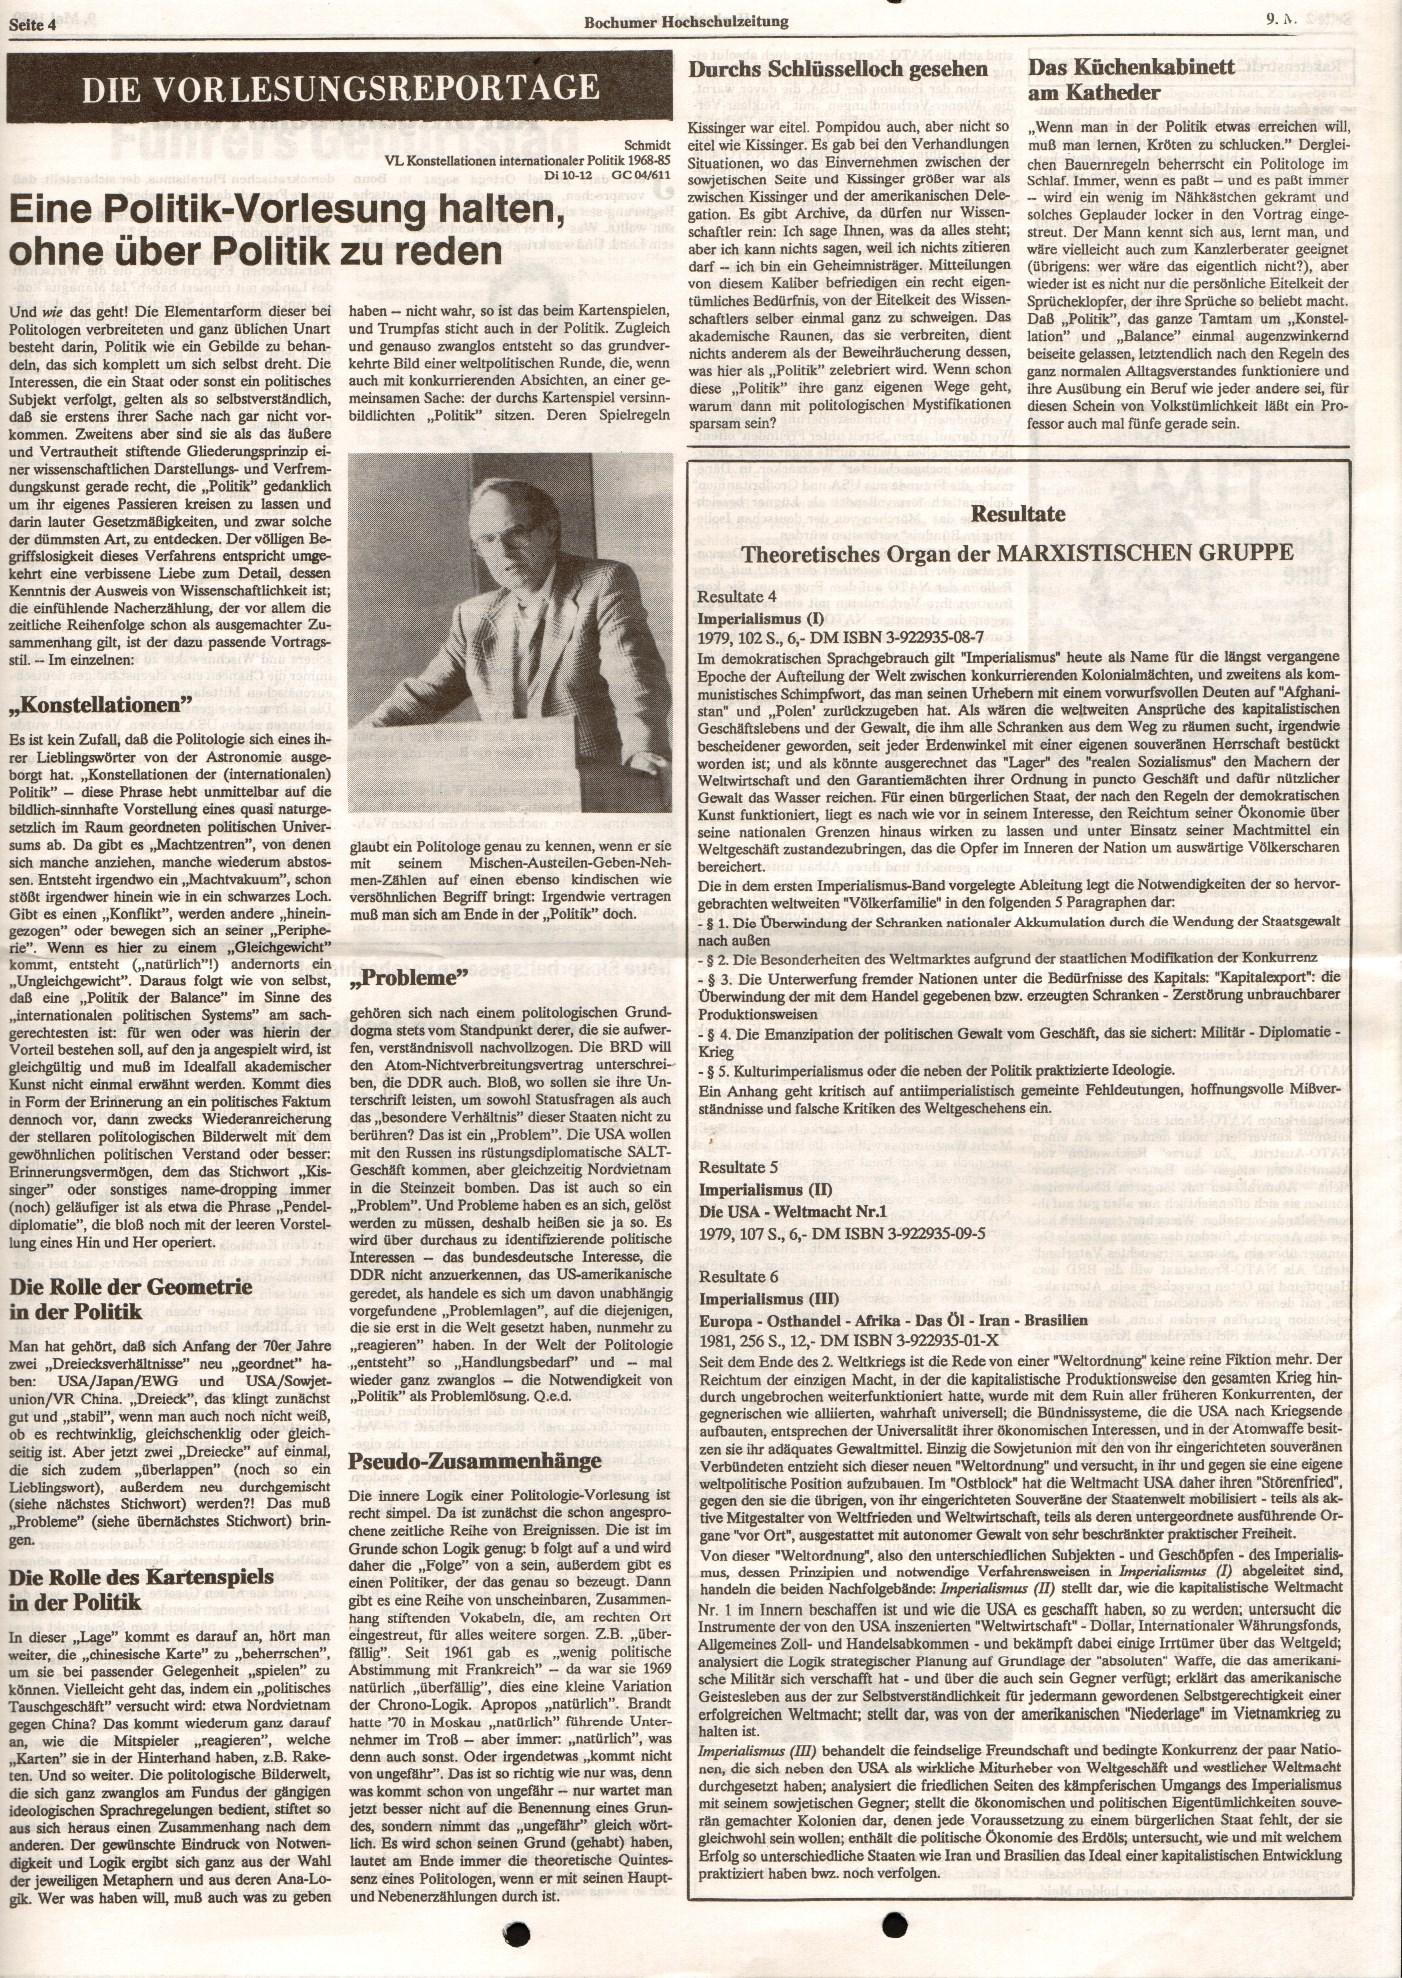 MG_Bochumer_Hochschulzeitung_19890509_04